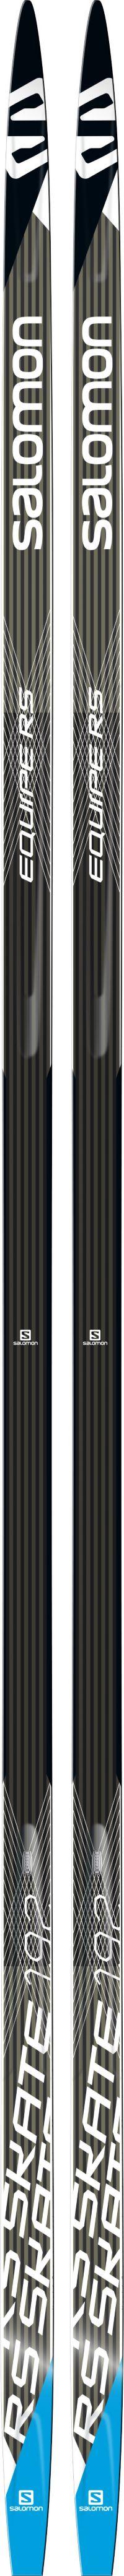 Equipe RS Extra Stiff Ski